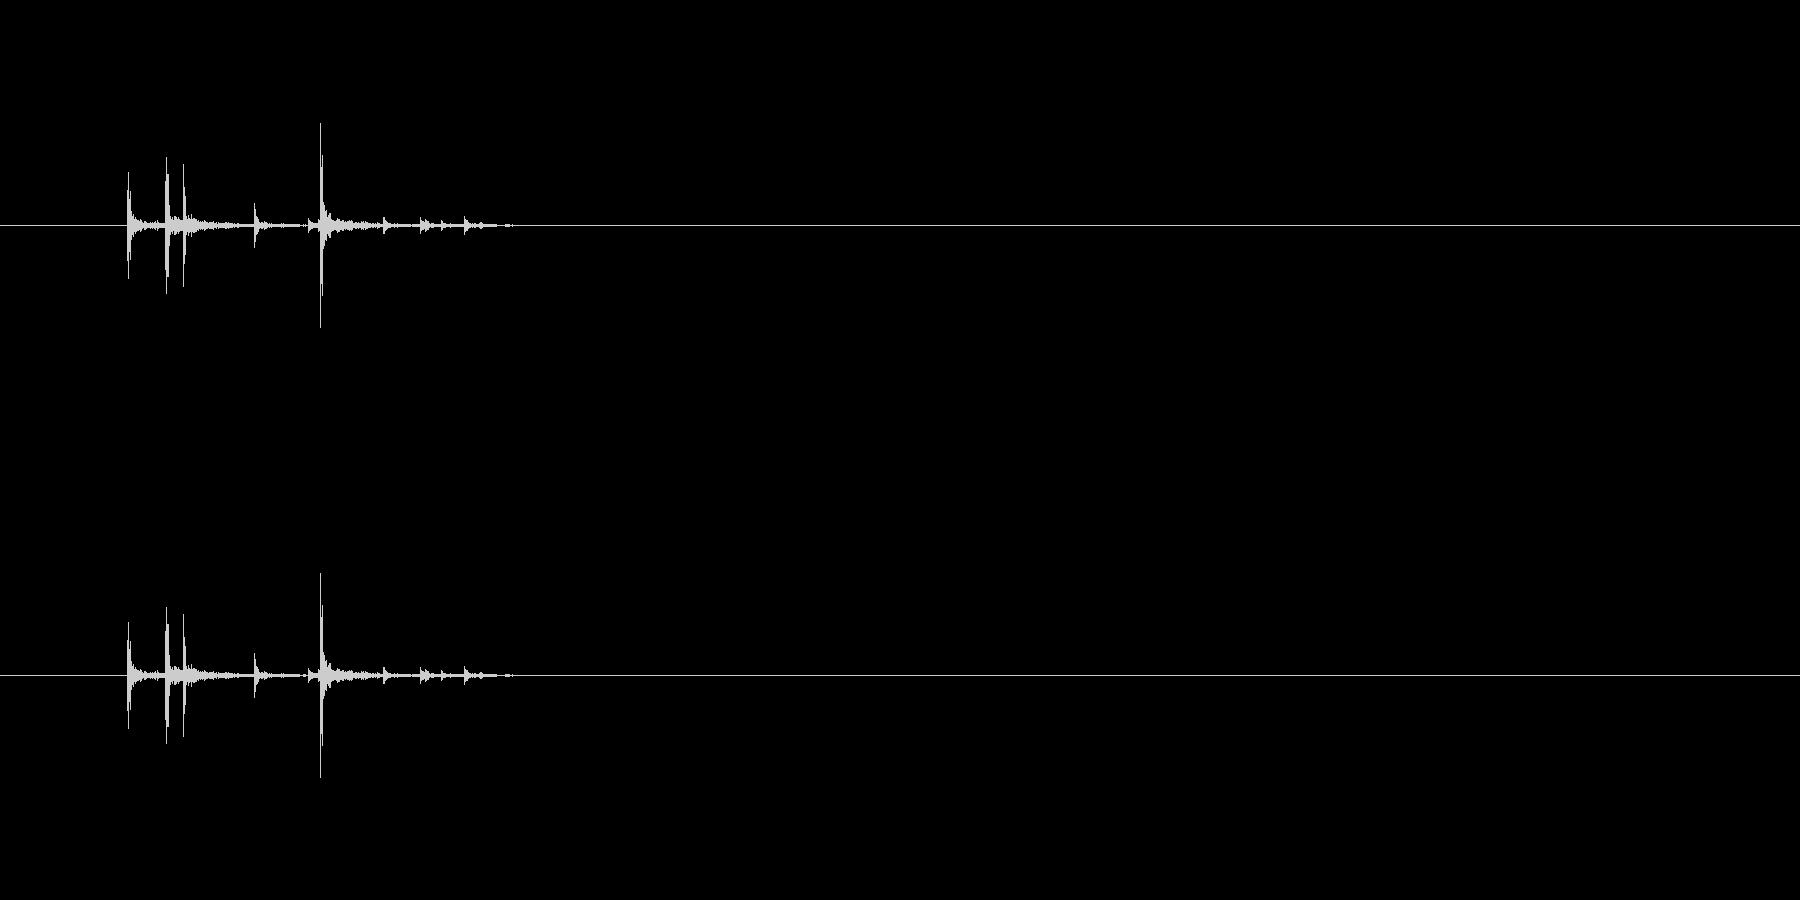 【フェルトペン03-14(置く)】の未再生の波形